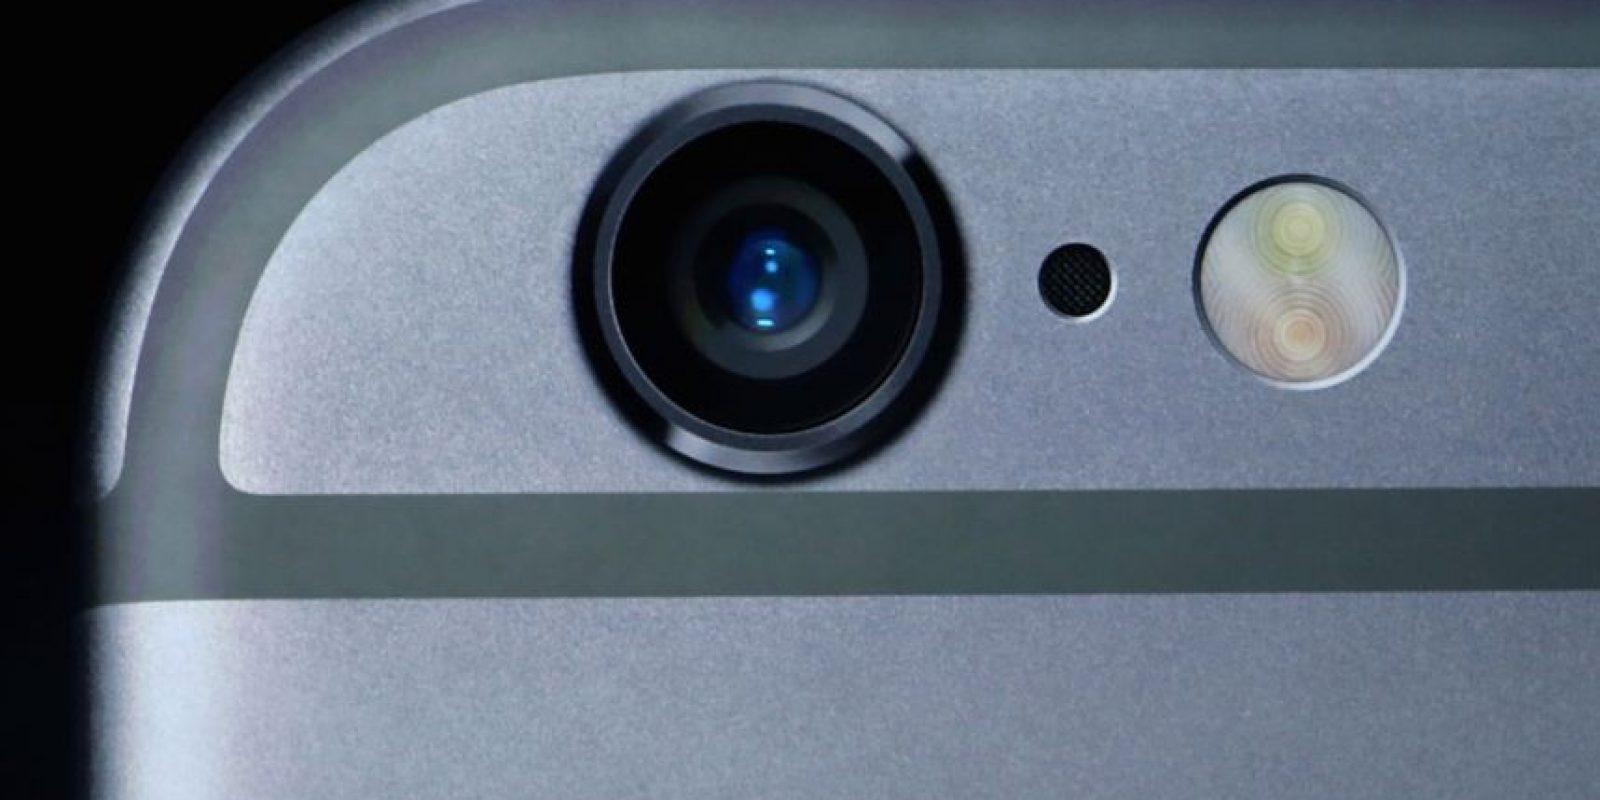 También corre el rumor de que la cámara mejoraría drásticamente con la incorporación de filtros externos o una doble cámara Foto:Getty Image